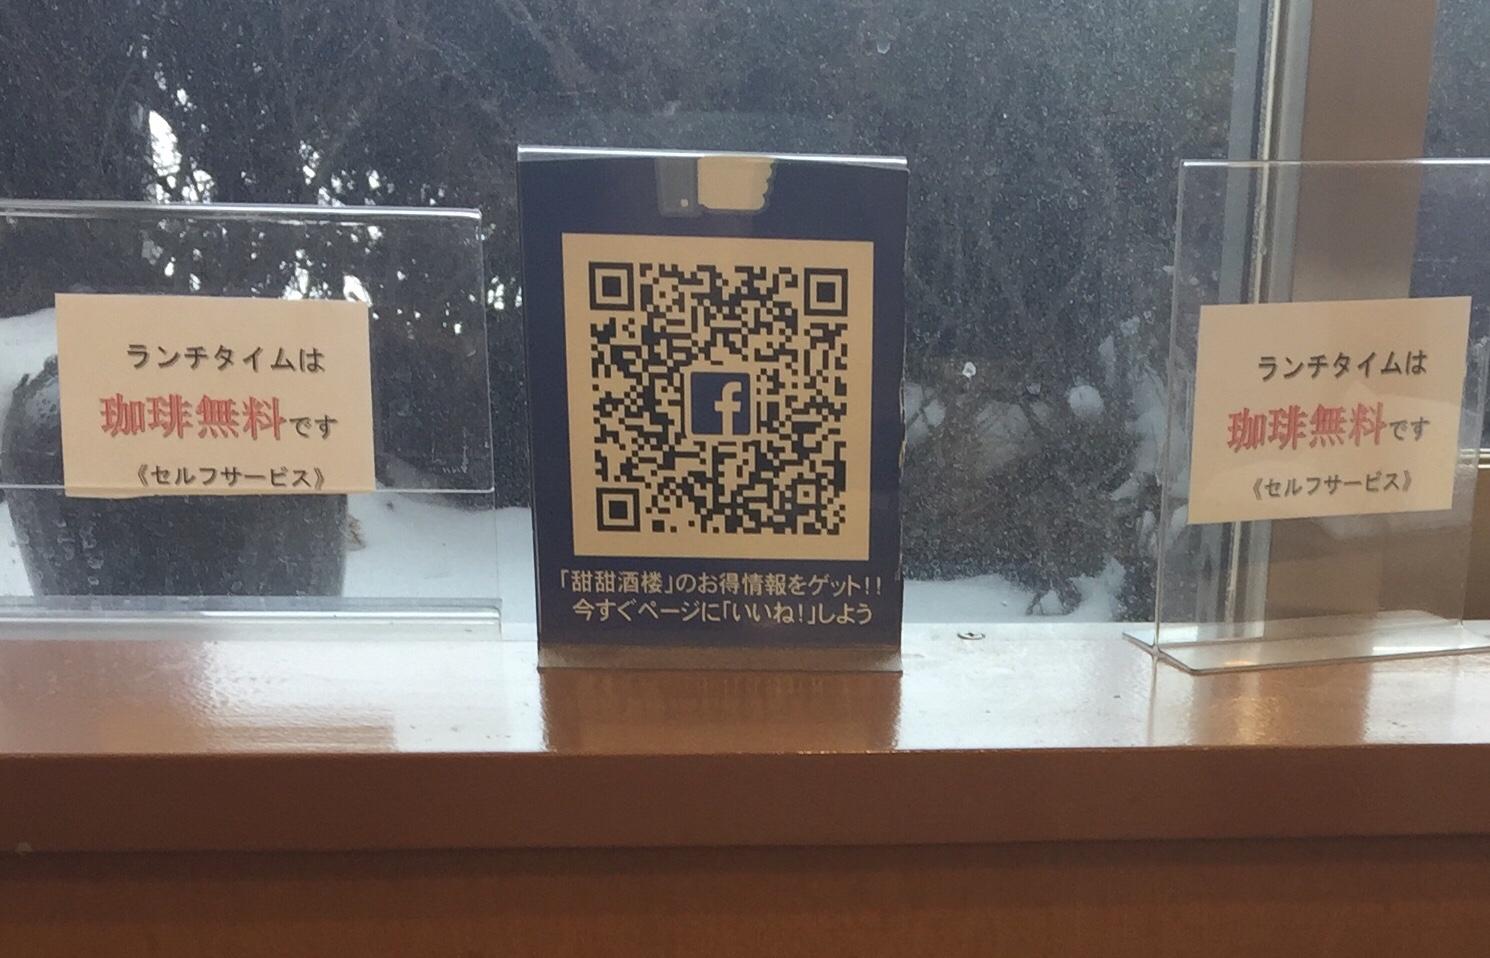 中国料理 甜甜酒楼 ランチタイム コーヒー無料